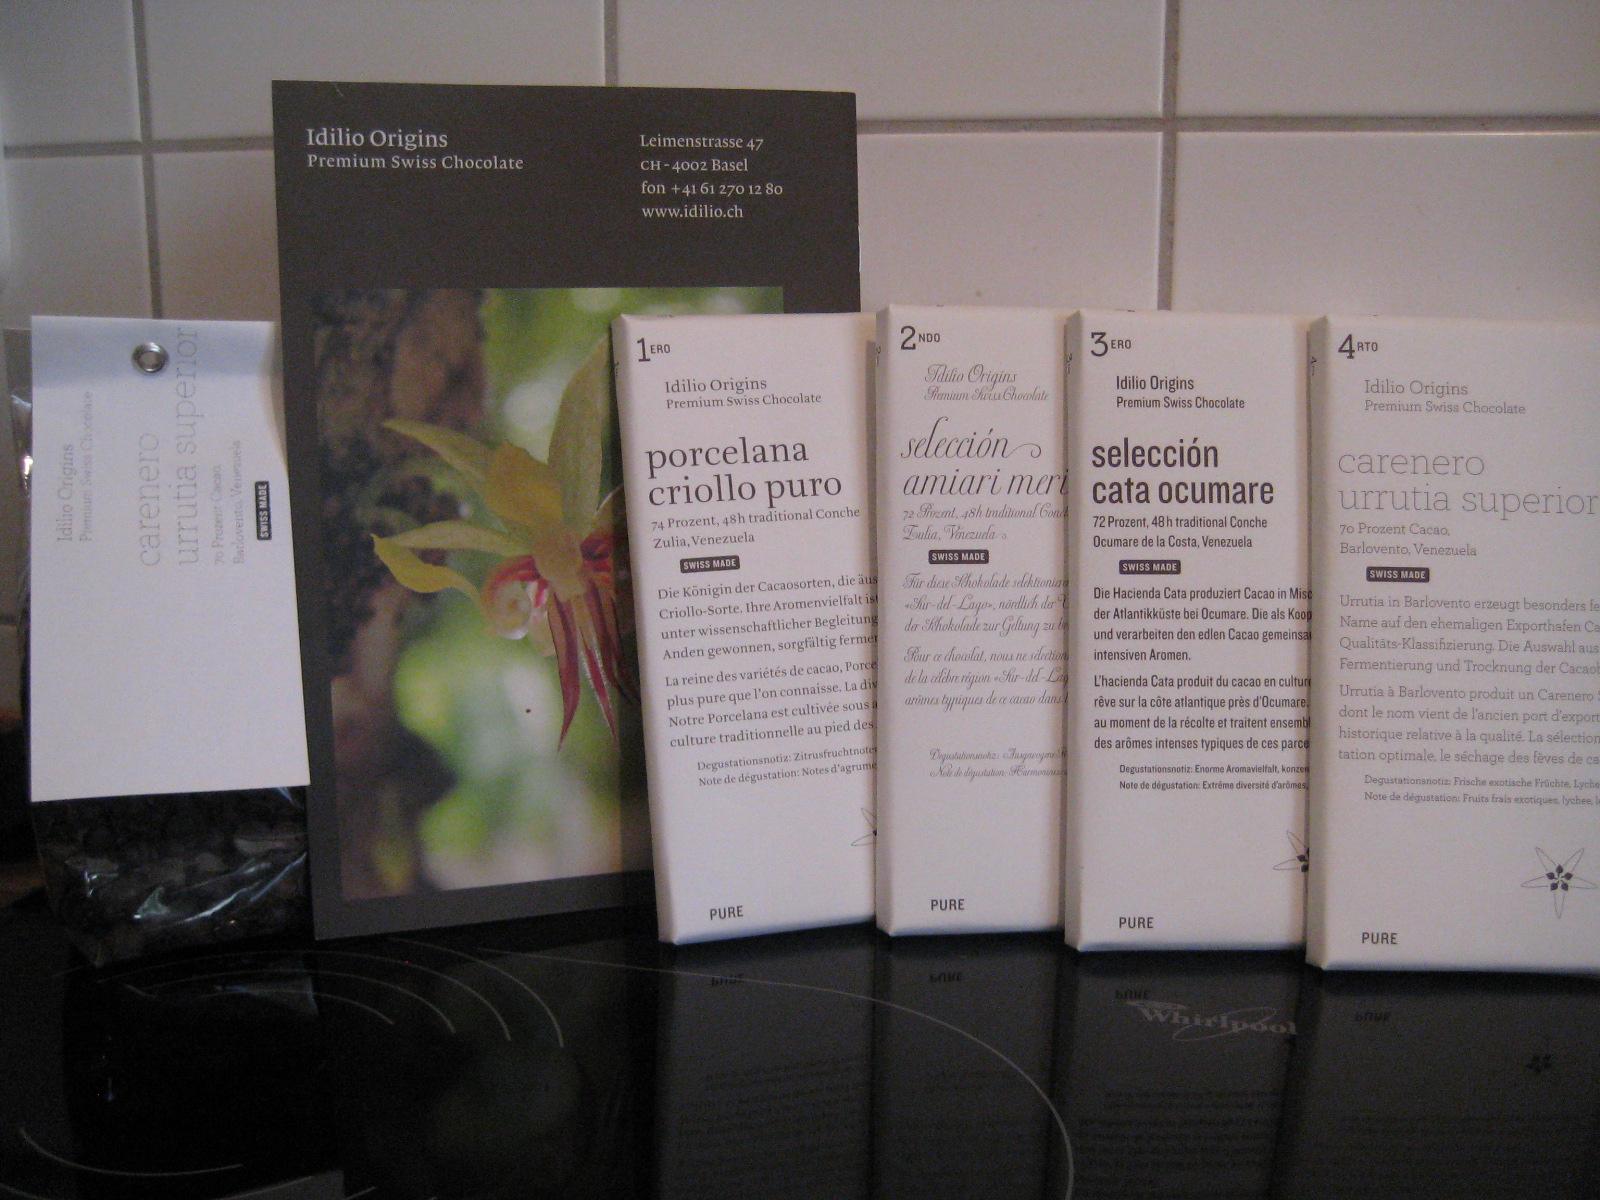 Idilio Origins - Premium Swiss Chocolate